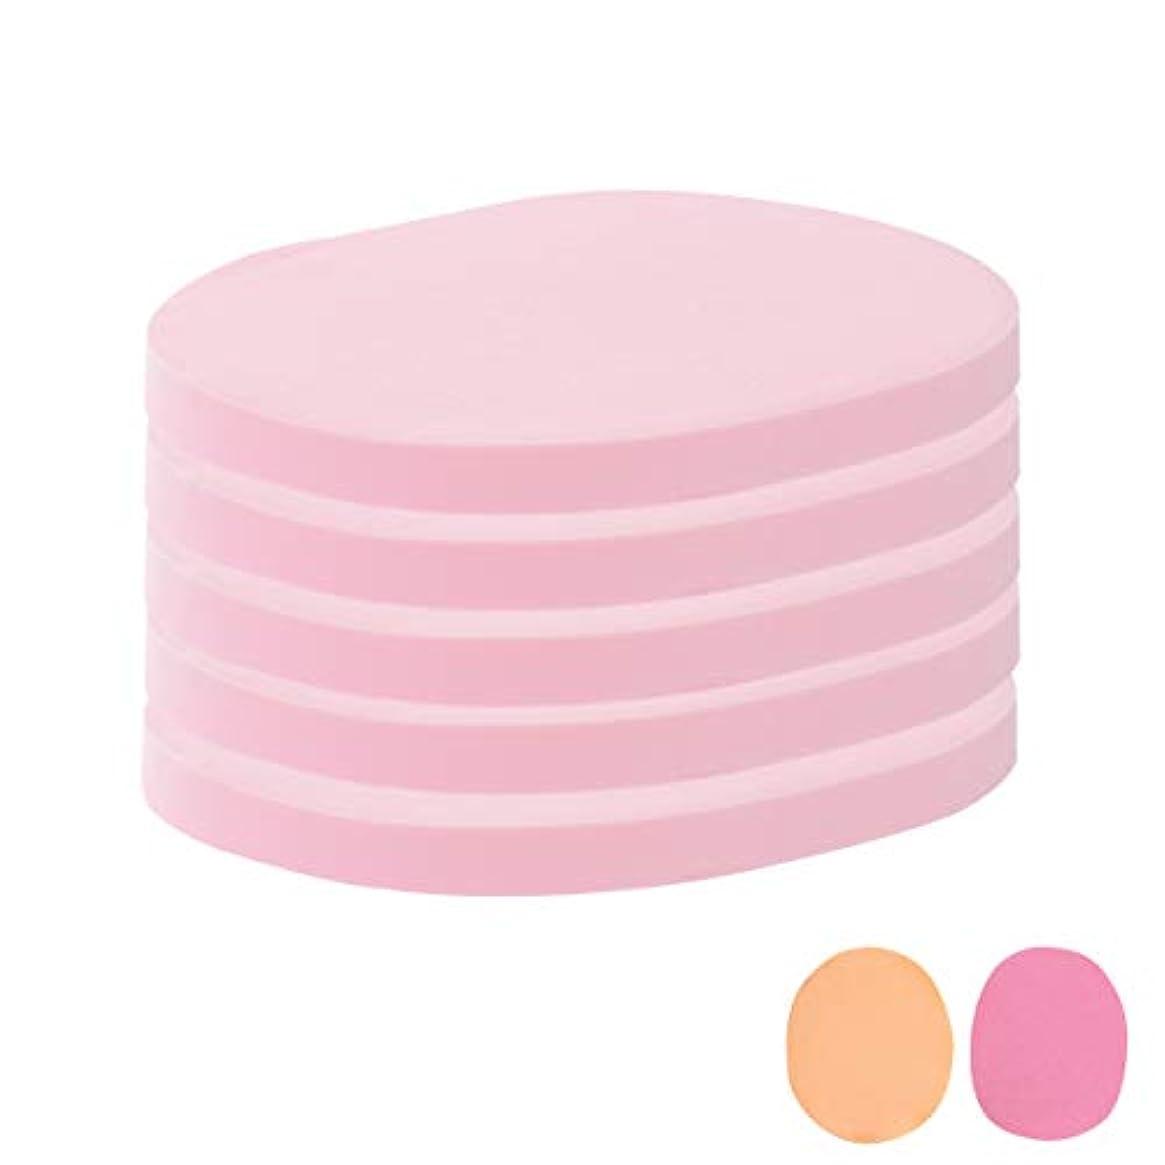 治す控えめな味付けフェイシャルスポンジ 全4種 10mm厚 (きめ細かい) 5枚入 ピンク [ フェイススポンジ マッサージスポンジ フェイシャル フェイス 顔用 洗顔 エステ スポンジ パフ クレンジング パック マスク 拭き取り ]